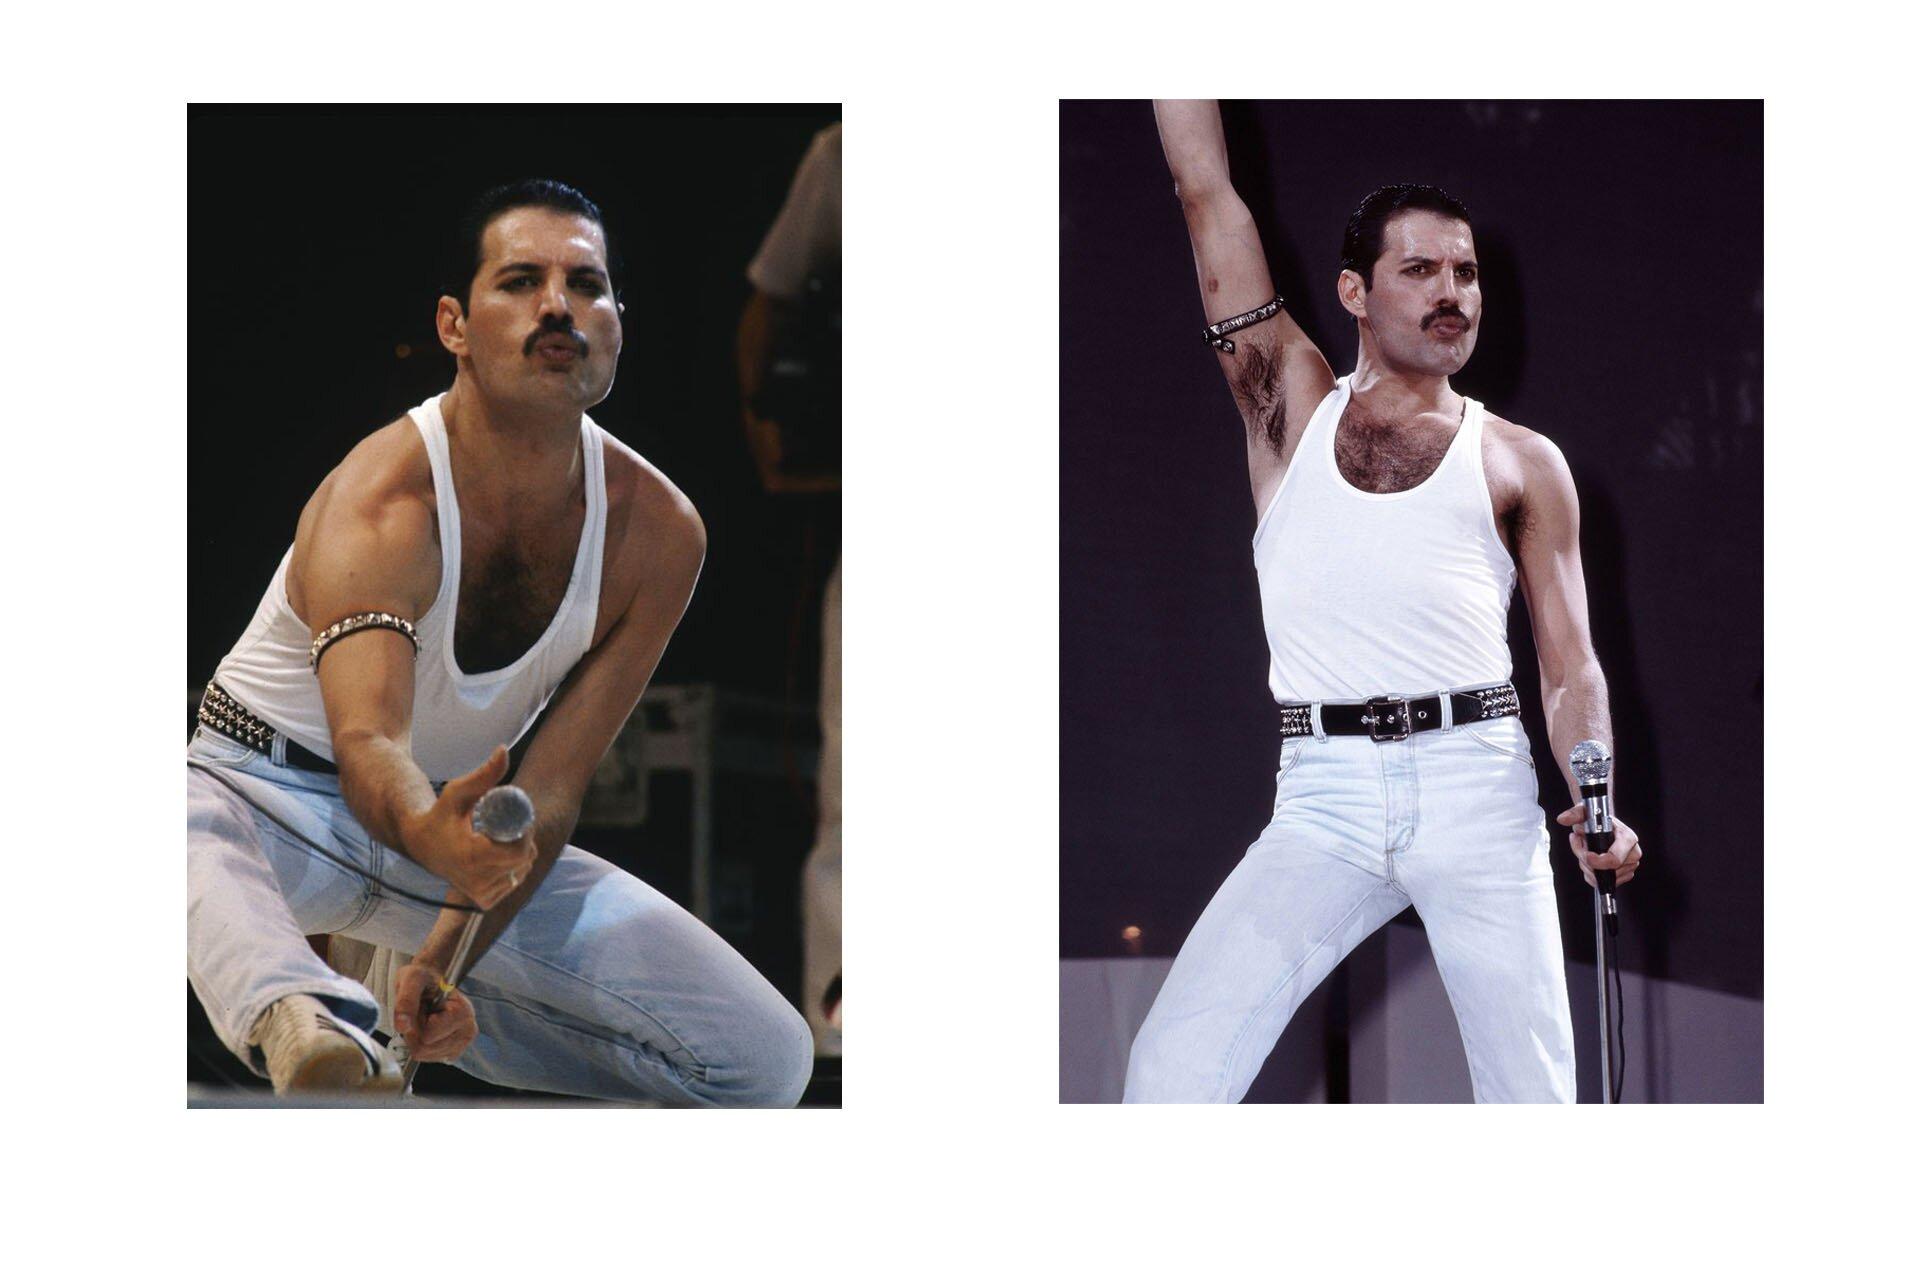 Wszyscy powinniśmy ubierać się jak Freddie, Freddie Mercury, Stylizacje Queen, Stylizacje Freddie, Live Aid Queen, Biała bokserka, 10 przełomowych wcieleń modowych Freddiego